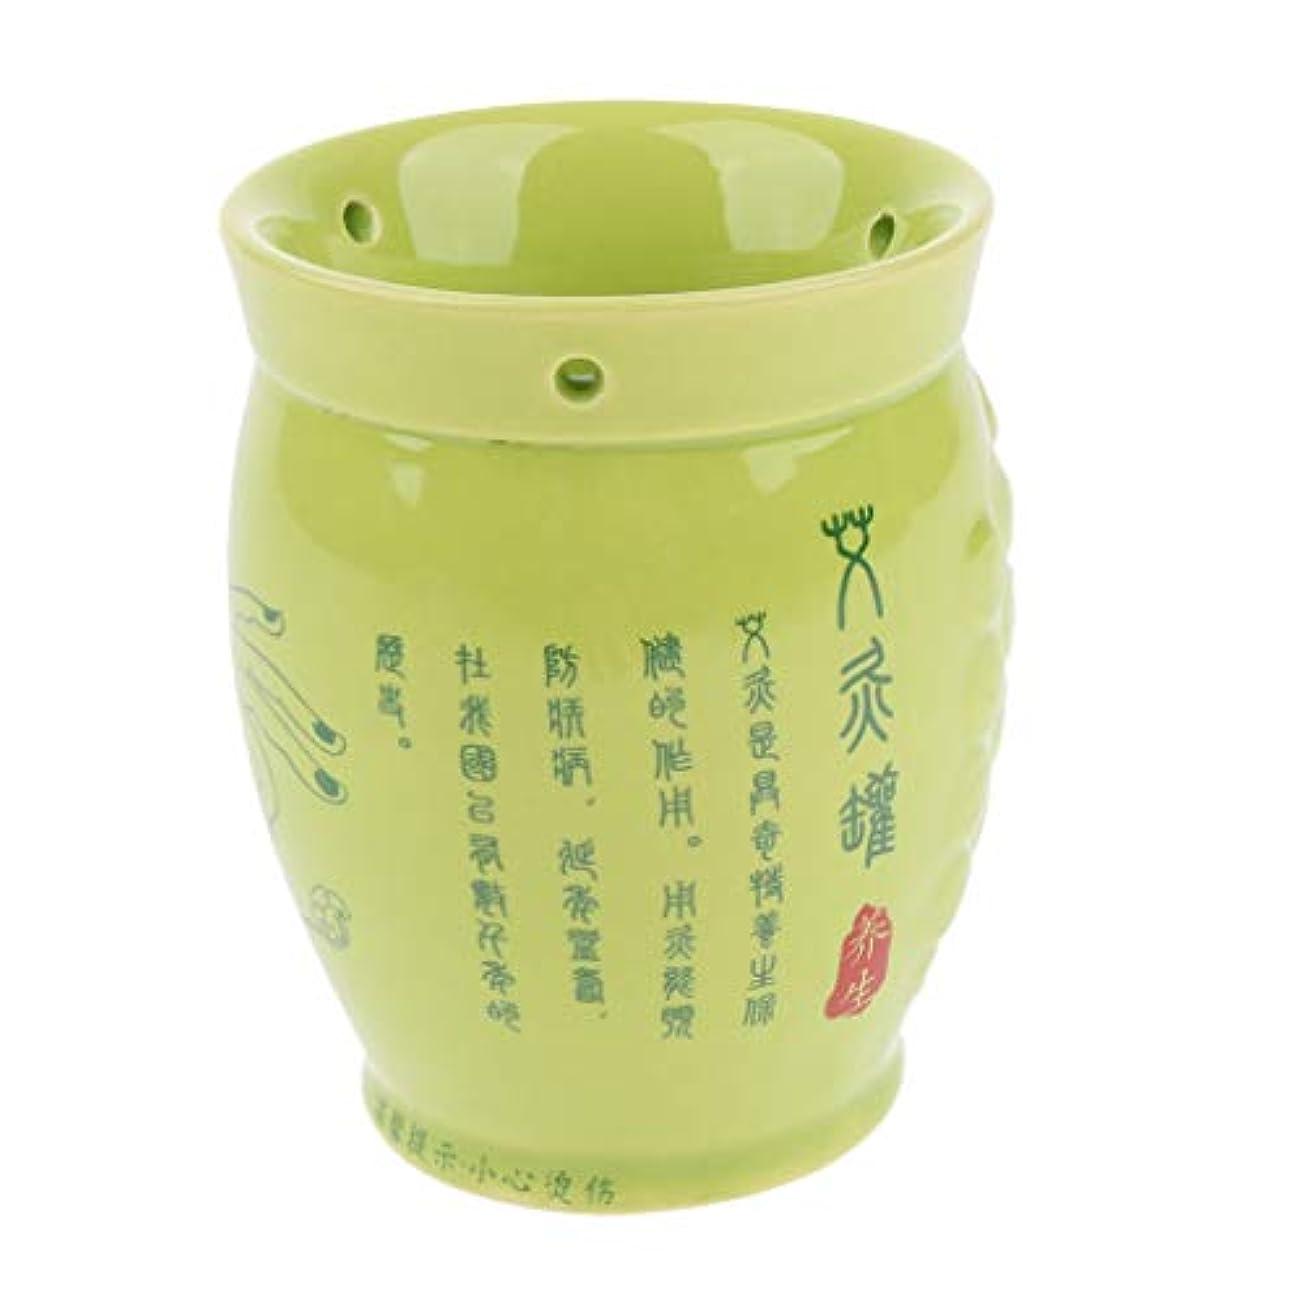 FLAMEER マッサージカッピングカップ 缶 ポット お灸 中国式 セラミック 疲労軽減 男女兼用